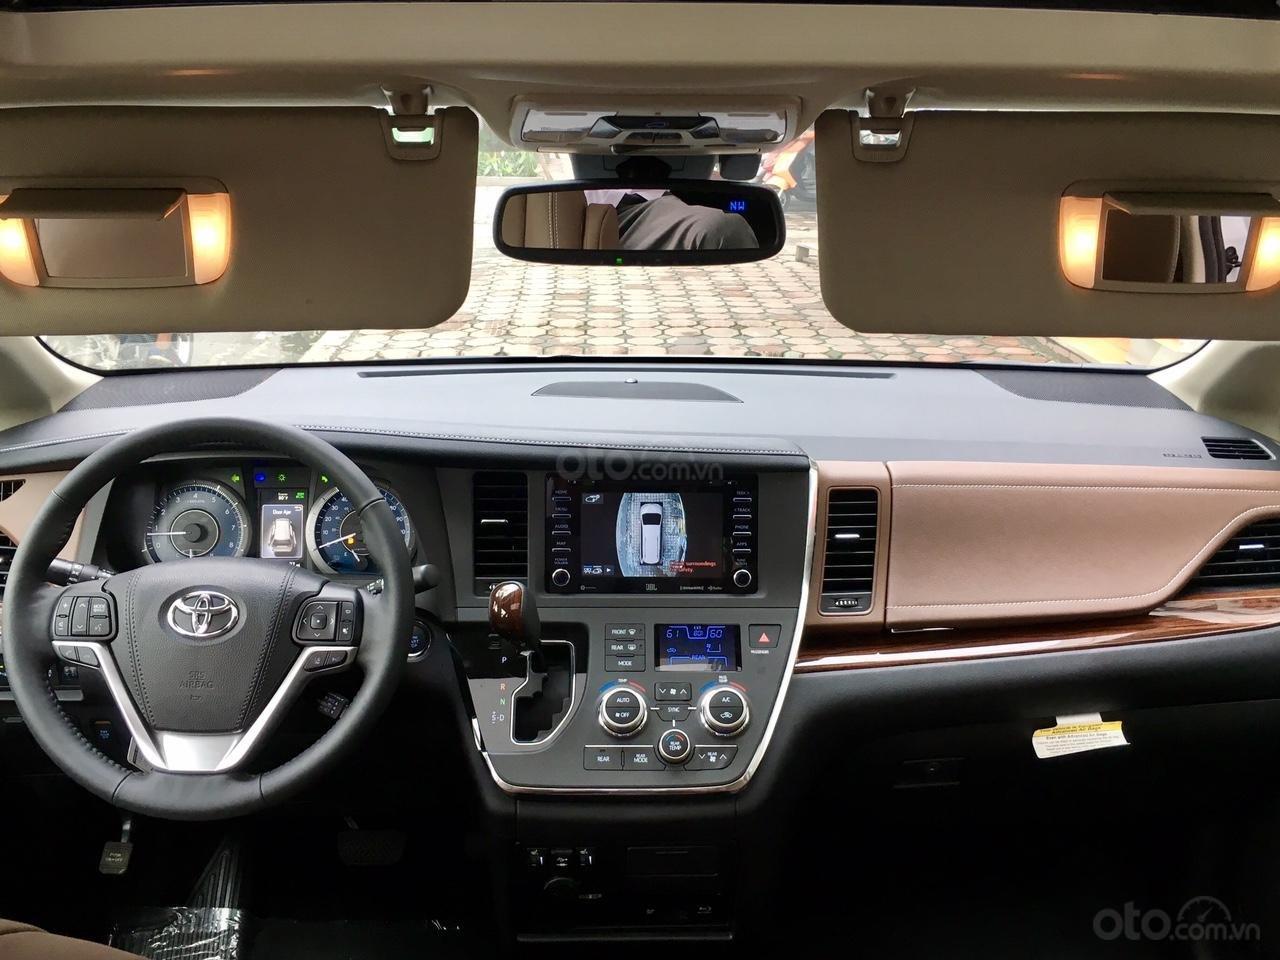 Bán Toyota Sienna Limited 1 cầu model 2020 giao ngay toàn quốc, giá tốt - LH 093.996.2368 Ms Ngọc Vy (11)